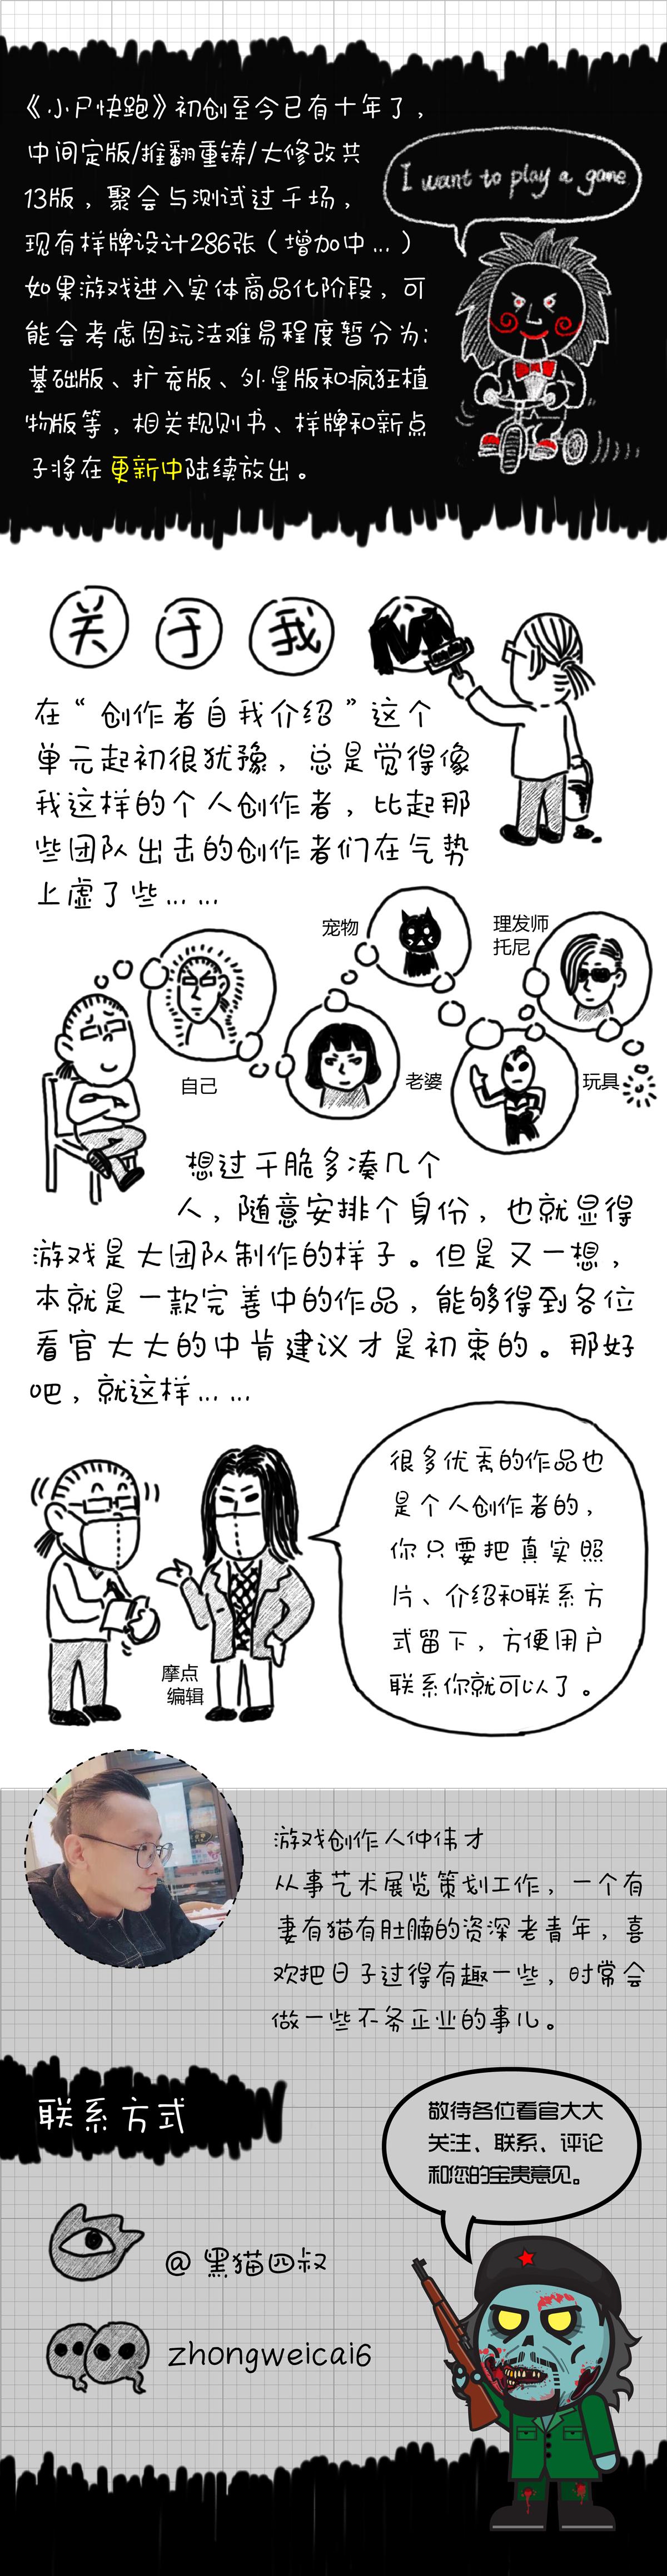 网页003-03.jpg